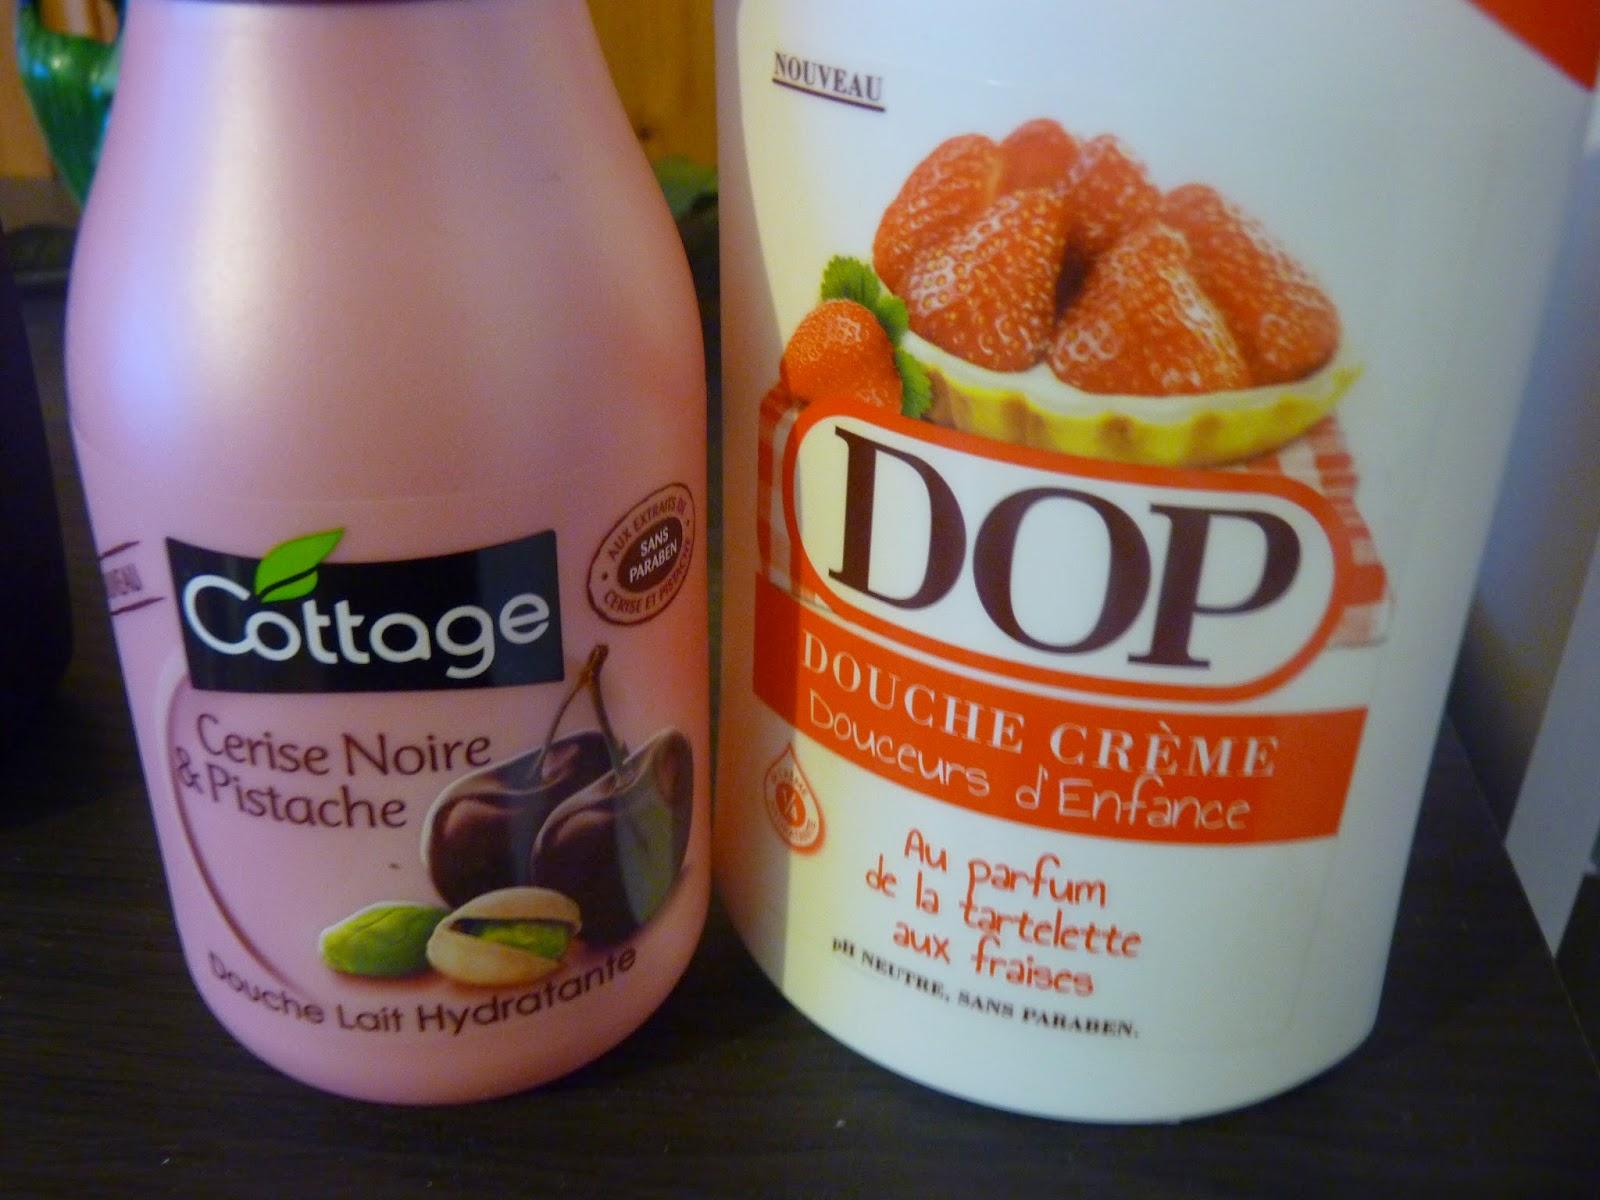 odeur gourmande, pistache, cerise noire, cerise pistache, cottage, dop, douceur d'enfance, tartelette fraise, douche crème, parfum, douche, savon